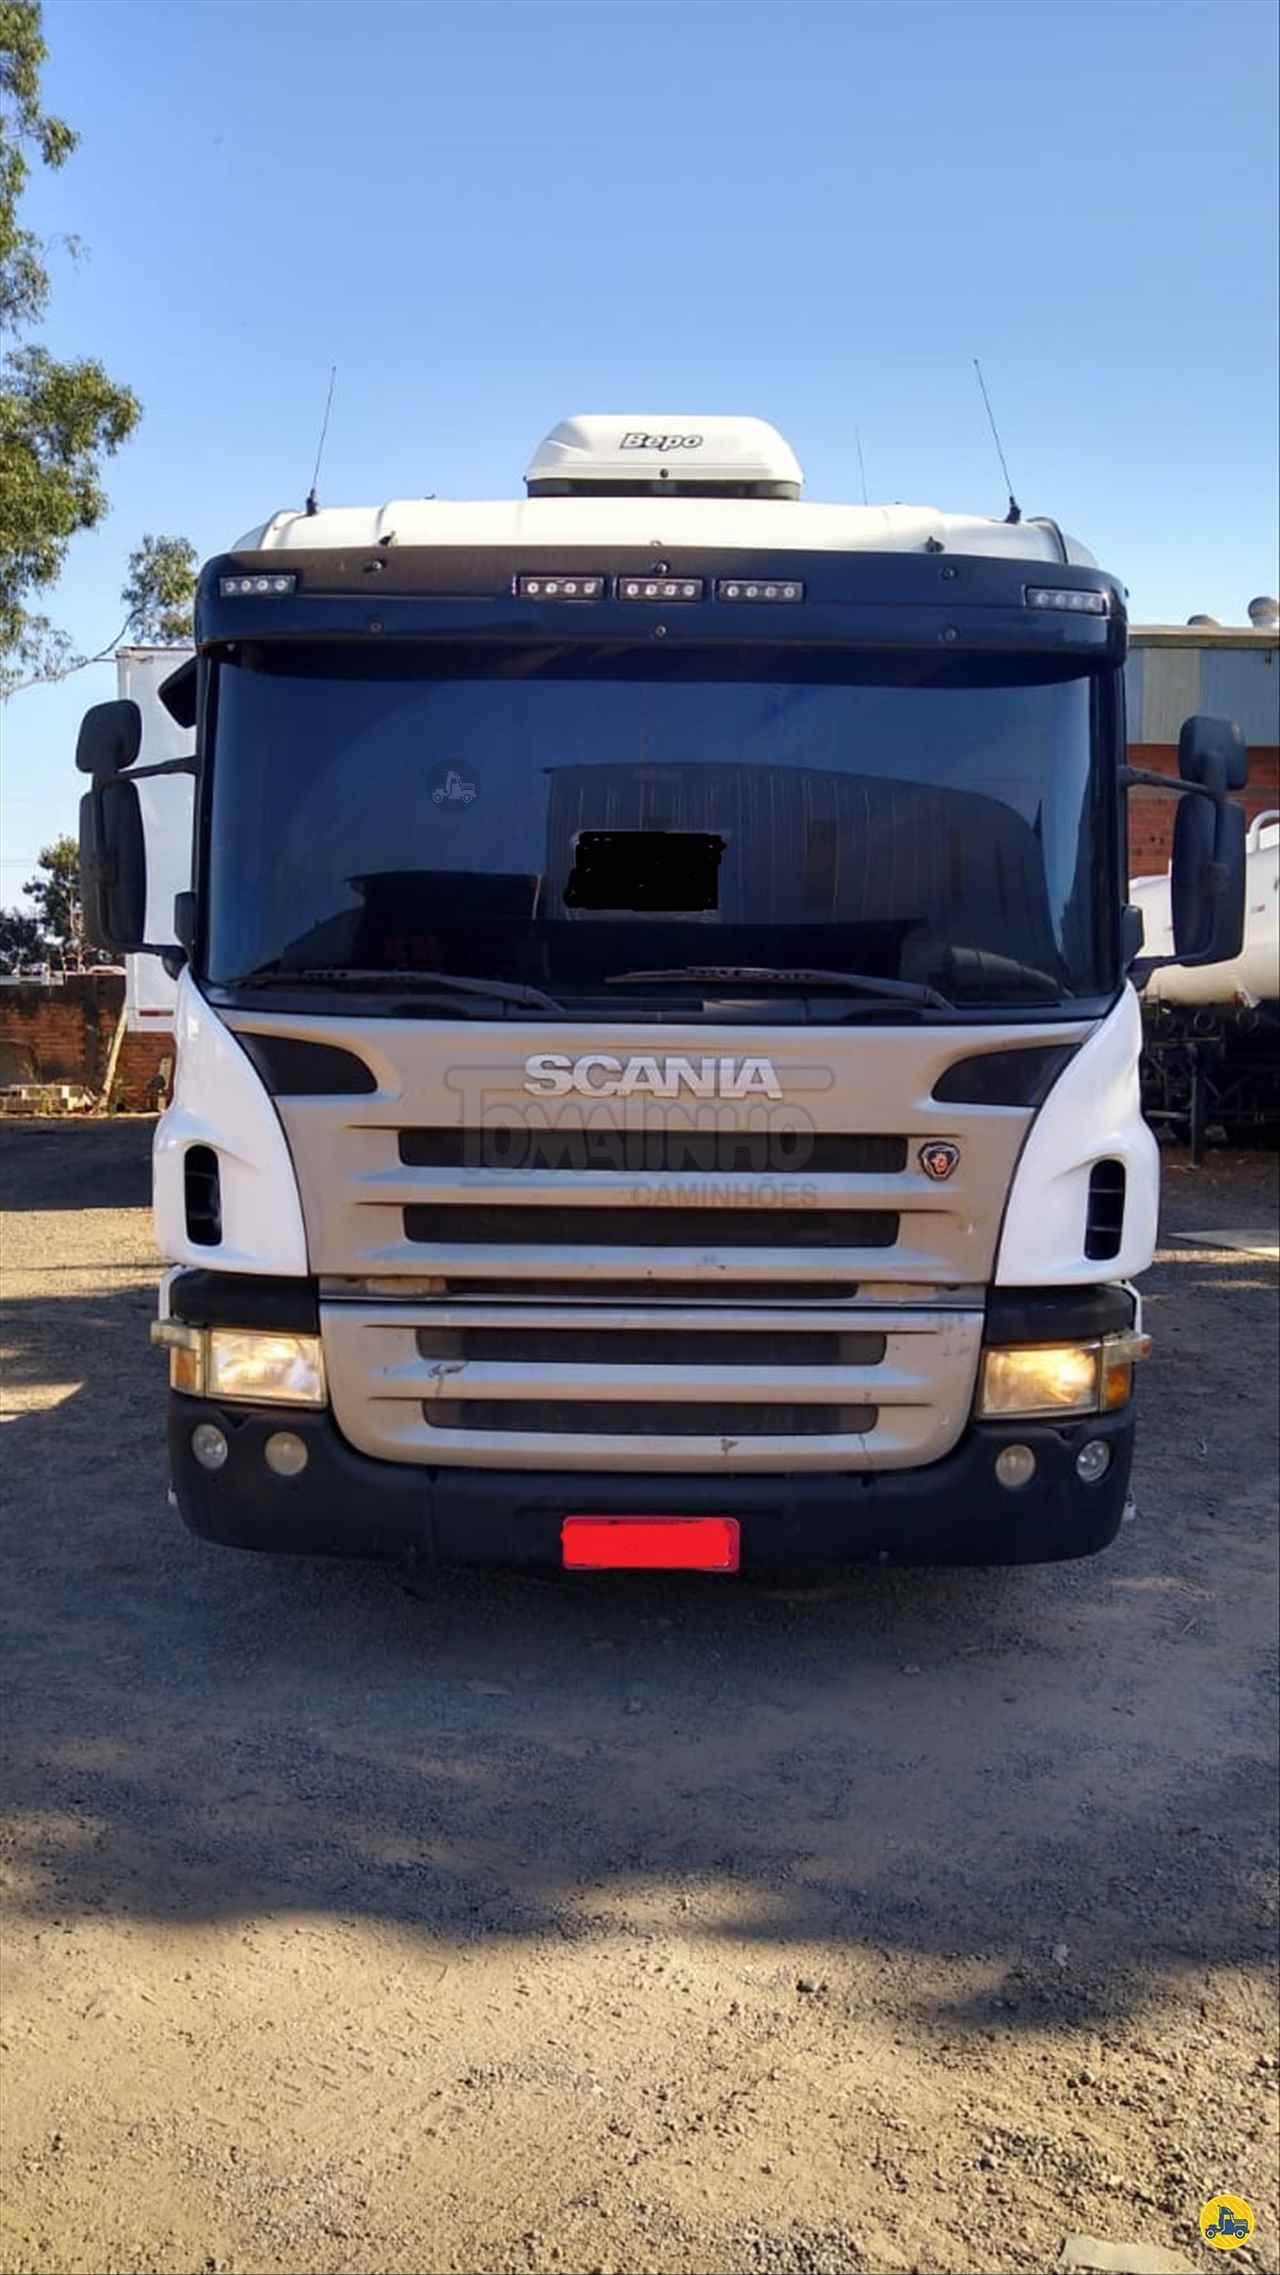 SCANIA P340 de Tomatinho Caminhões - RIBEIRAO PRETO/SP